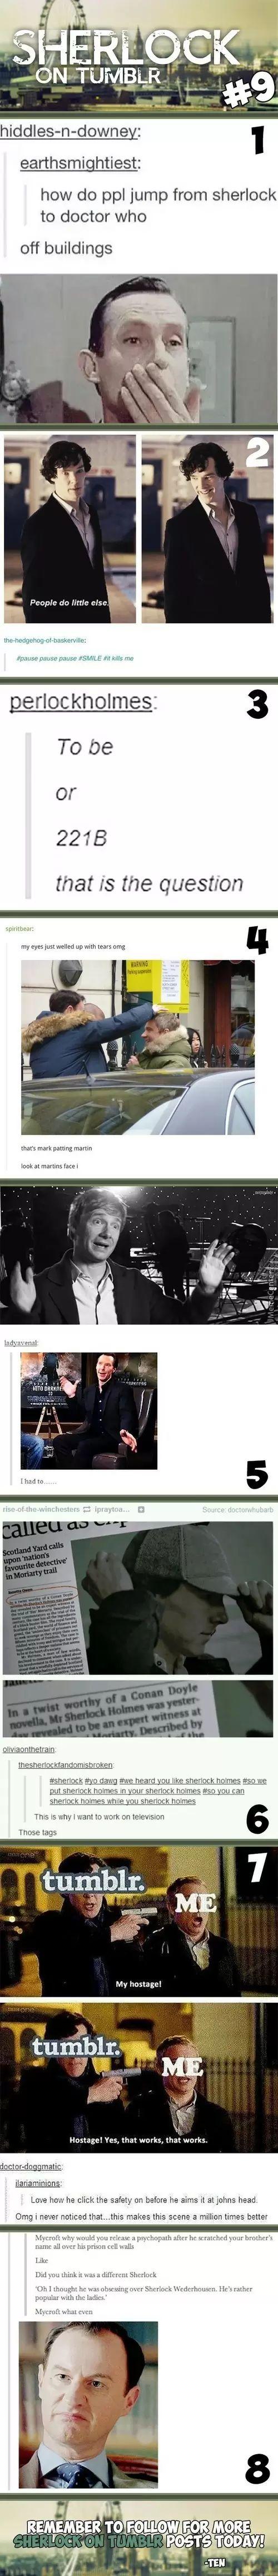 Sherlock On Tumblr #9